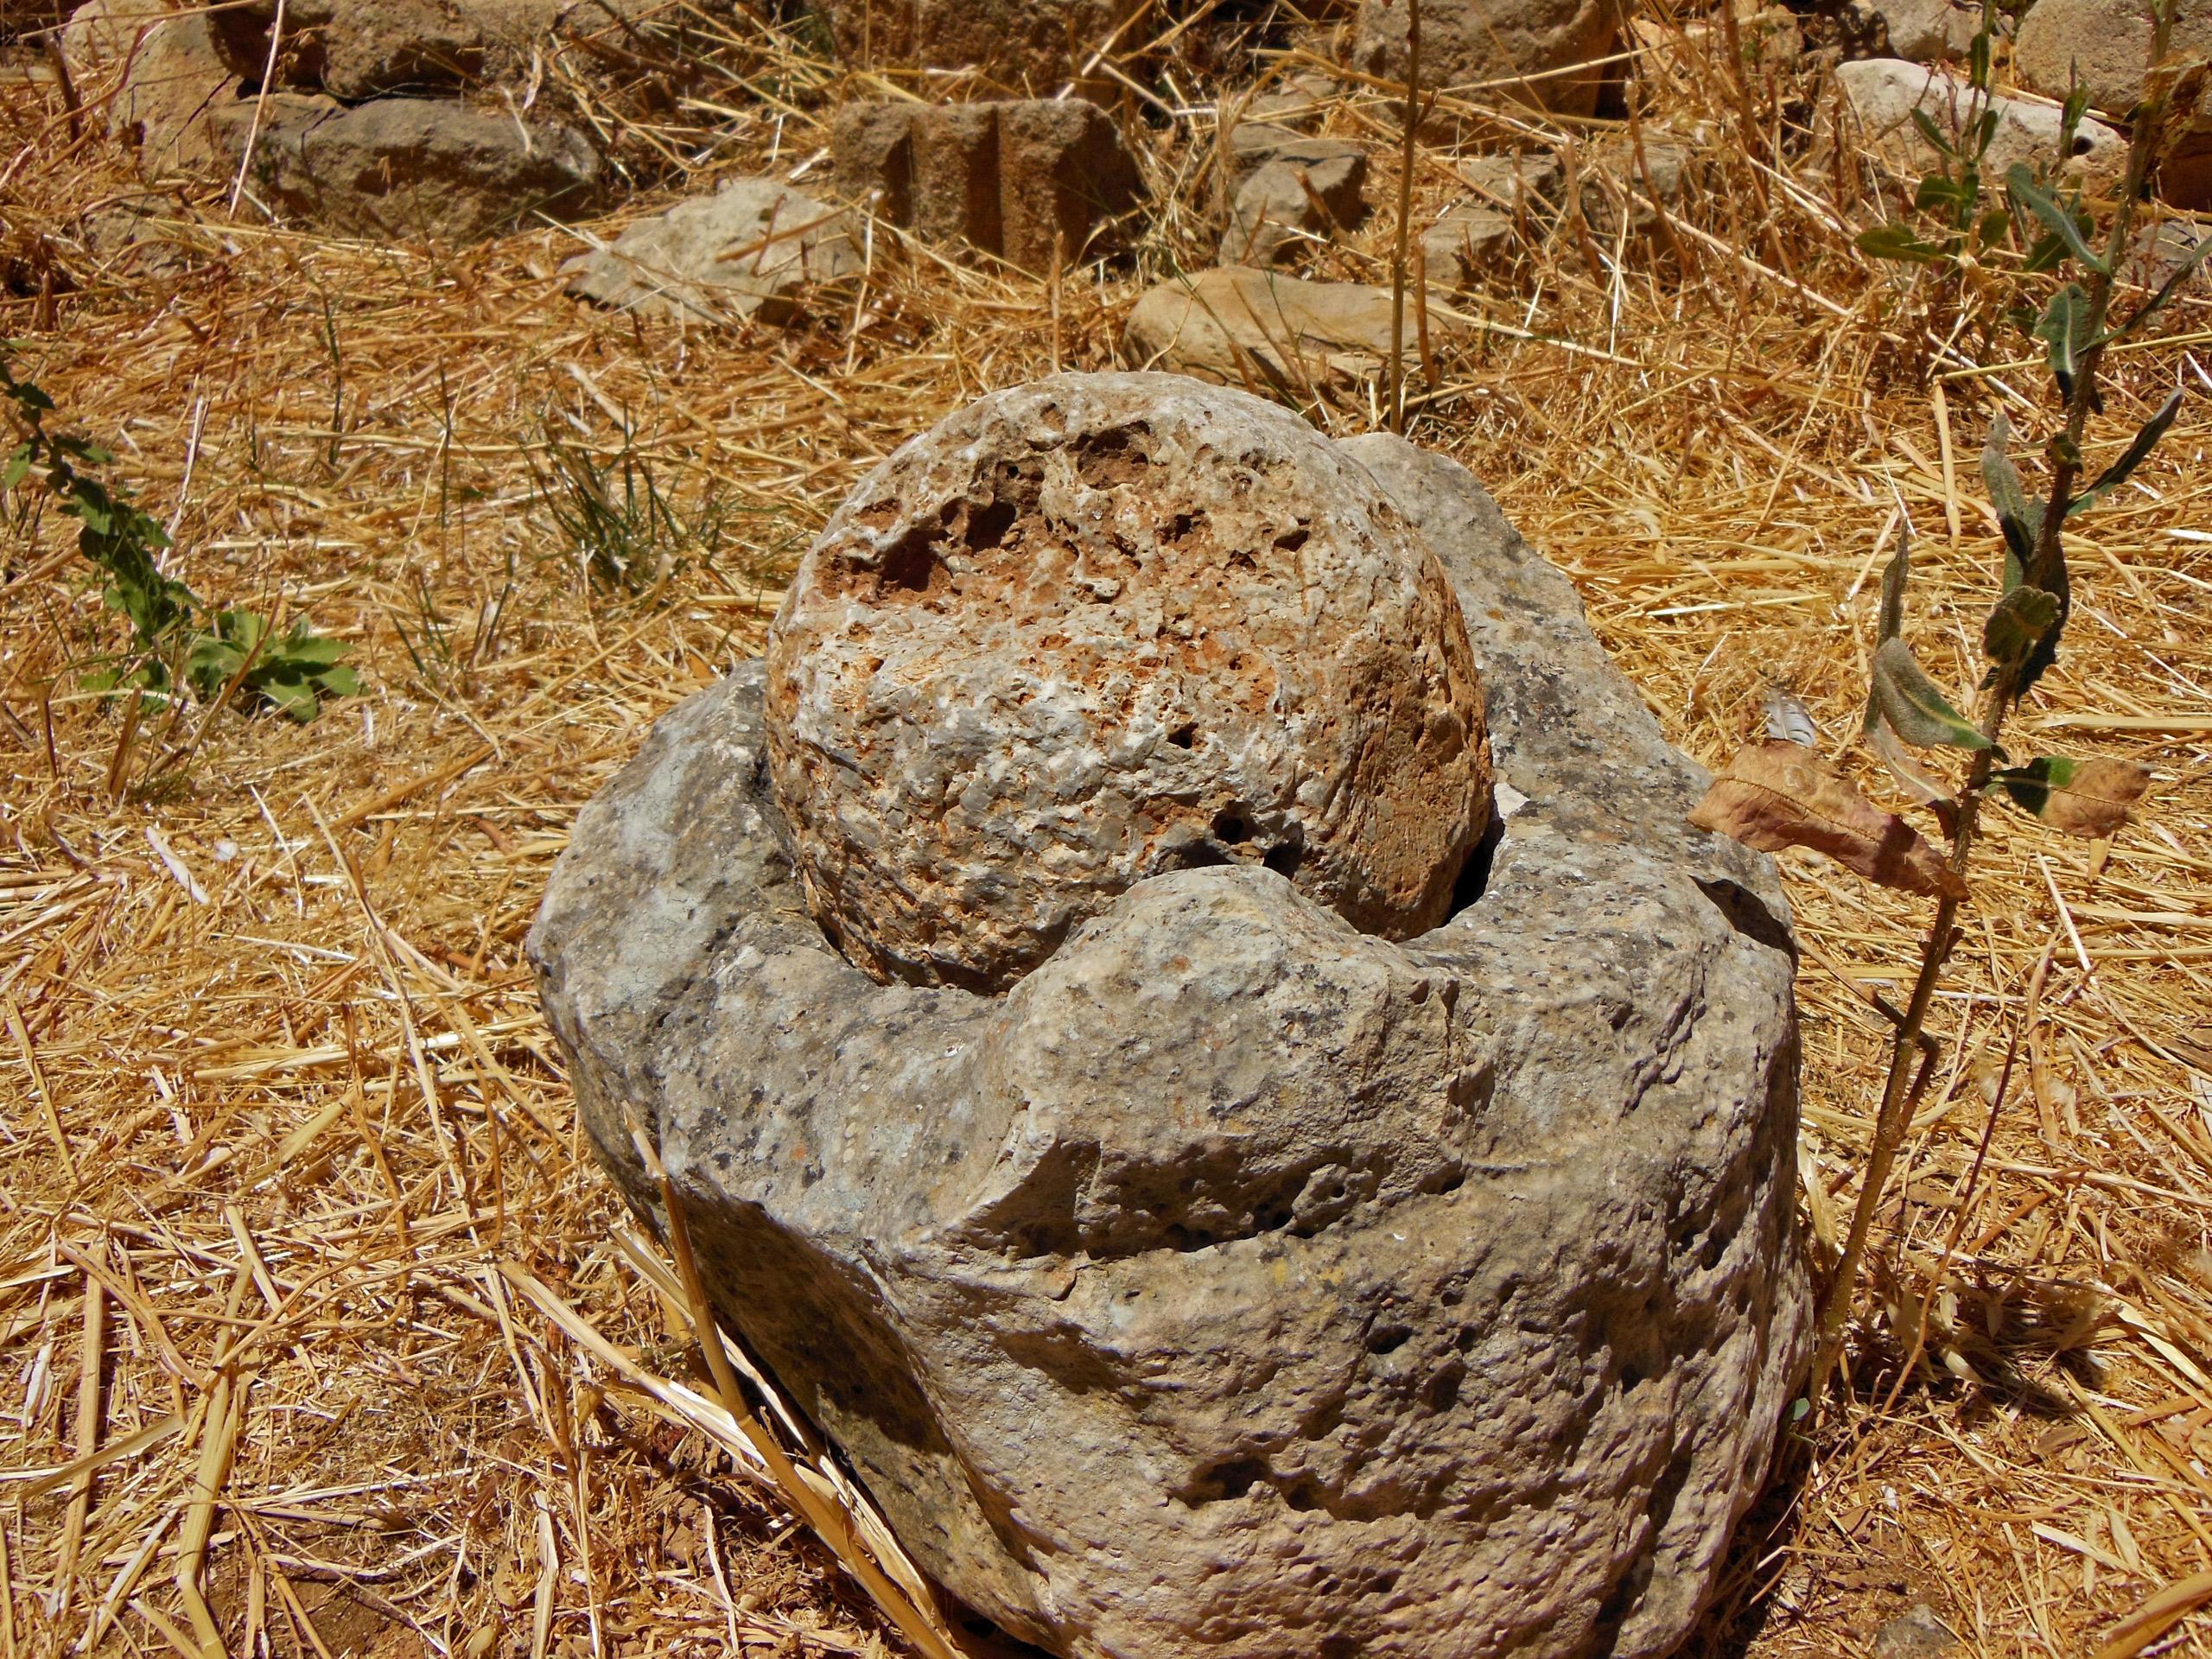 Kreta-29.06.12---13.07.12-459